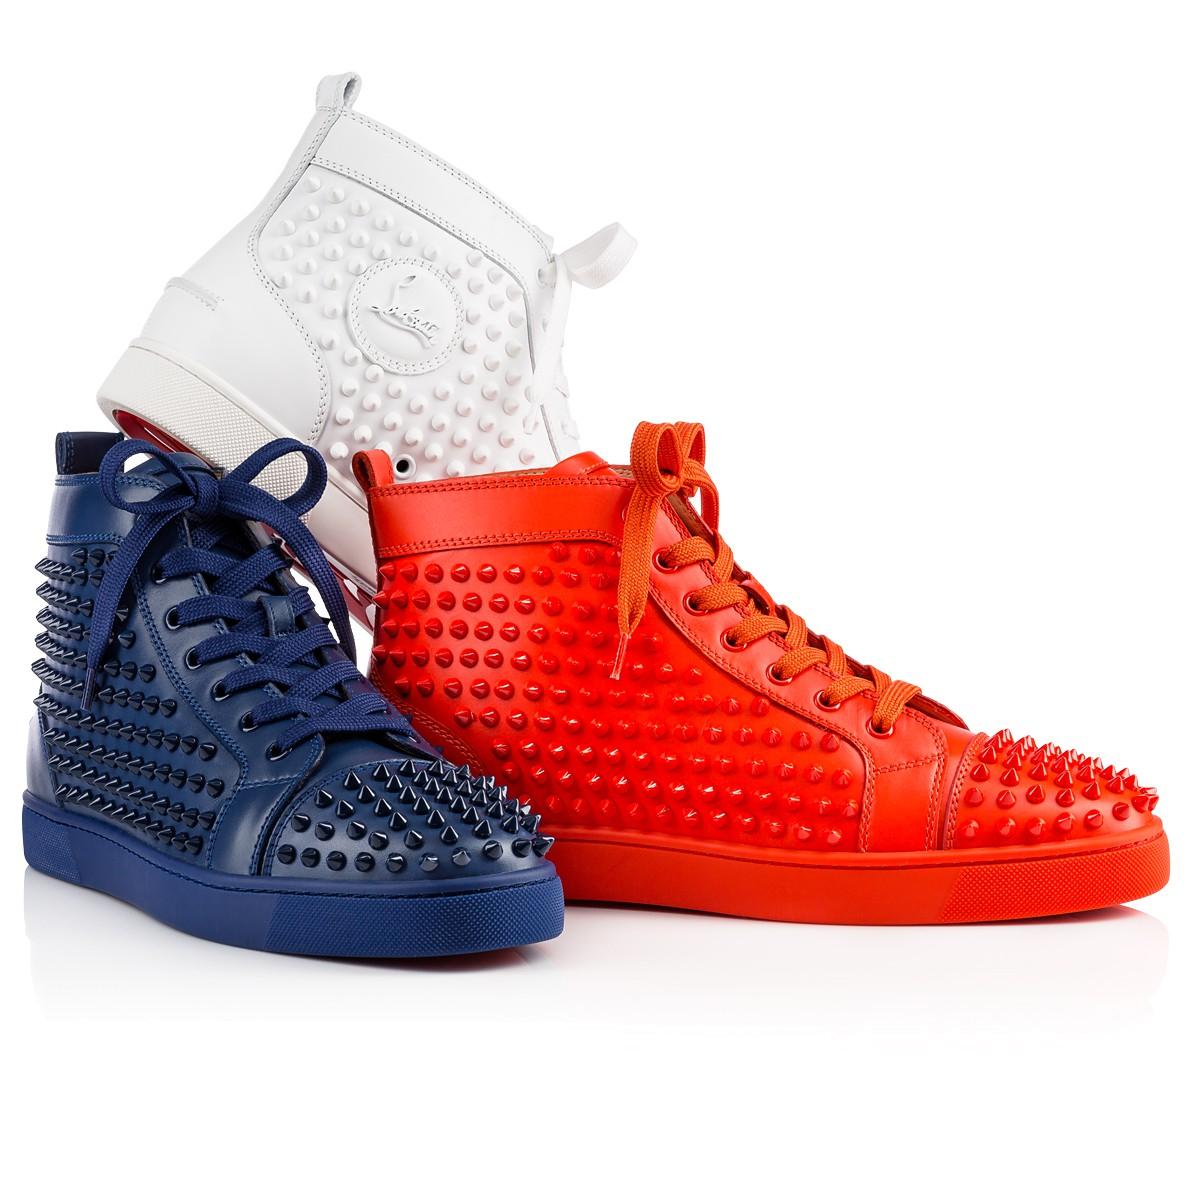 600283de437 Shoes Louis Spikes Mens Flat Christian Louboutin t